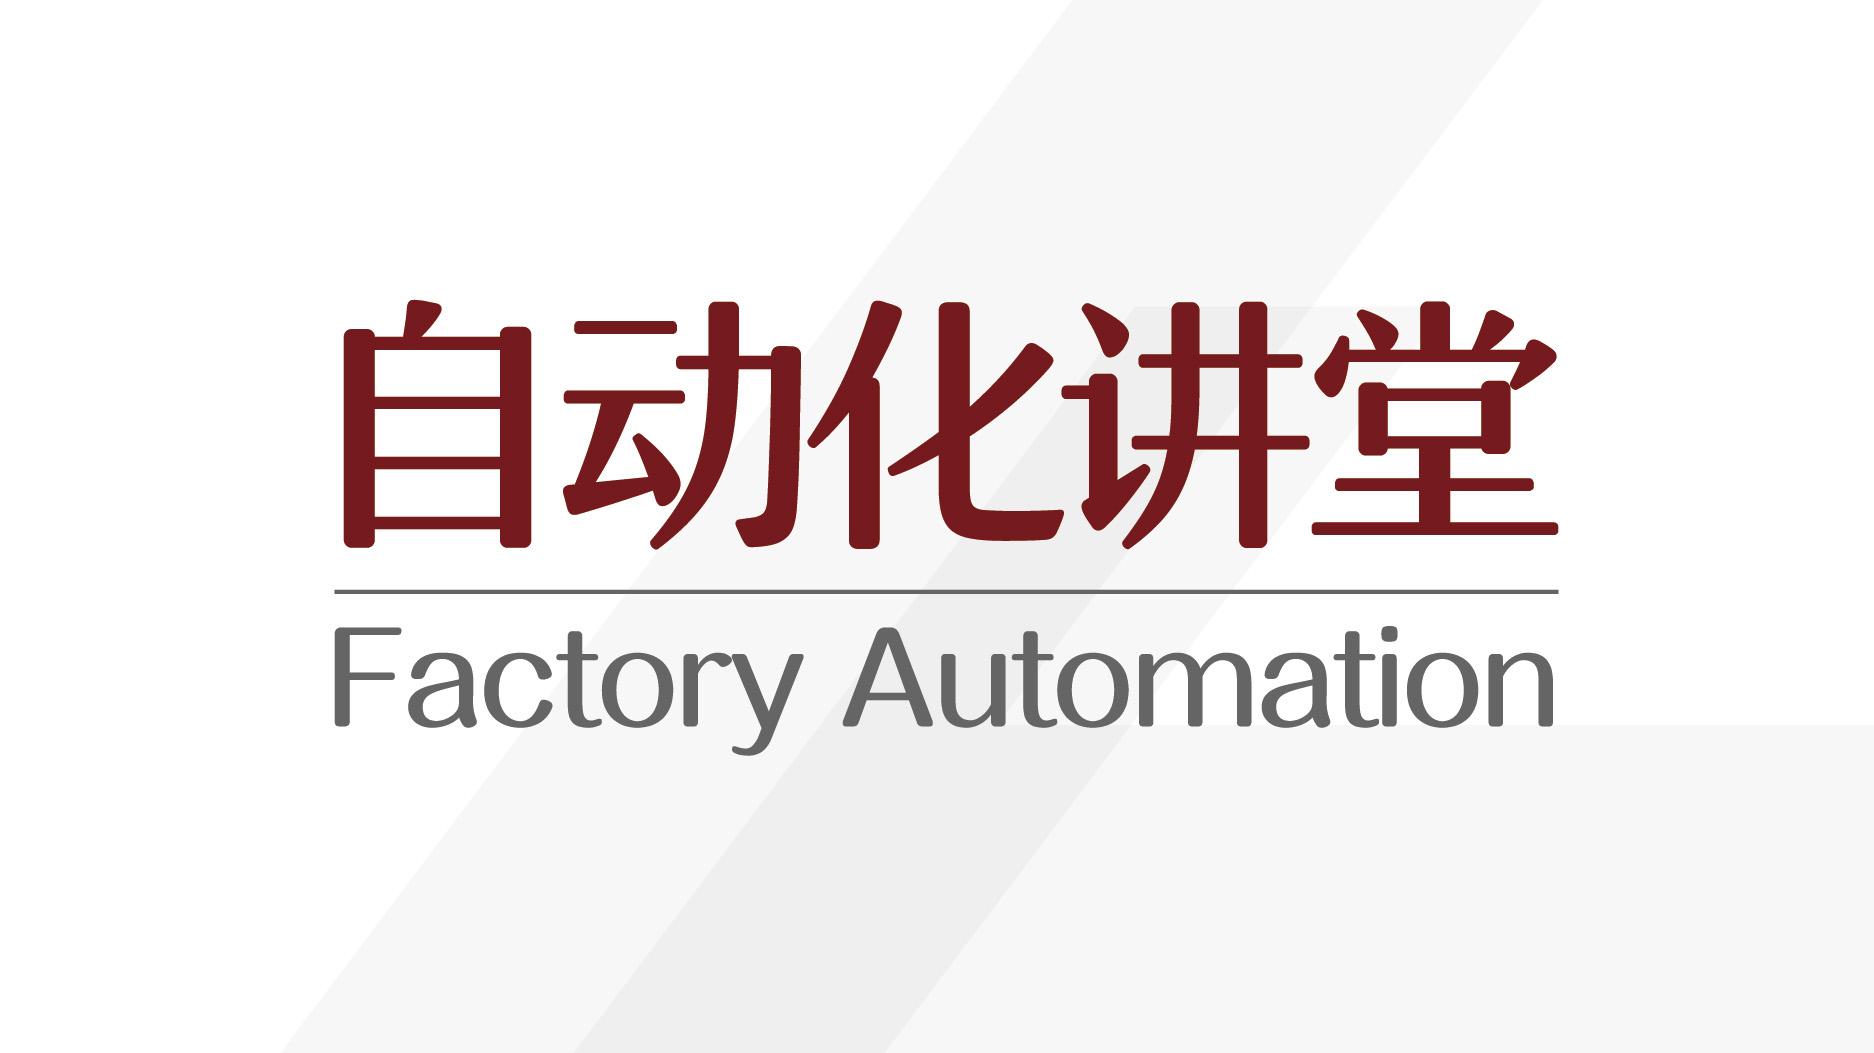 伺服系统 MR Configurator2 机械分析功能介绍